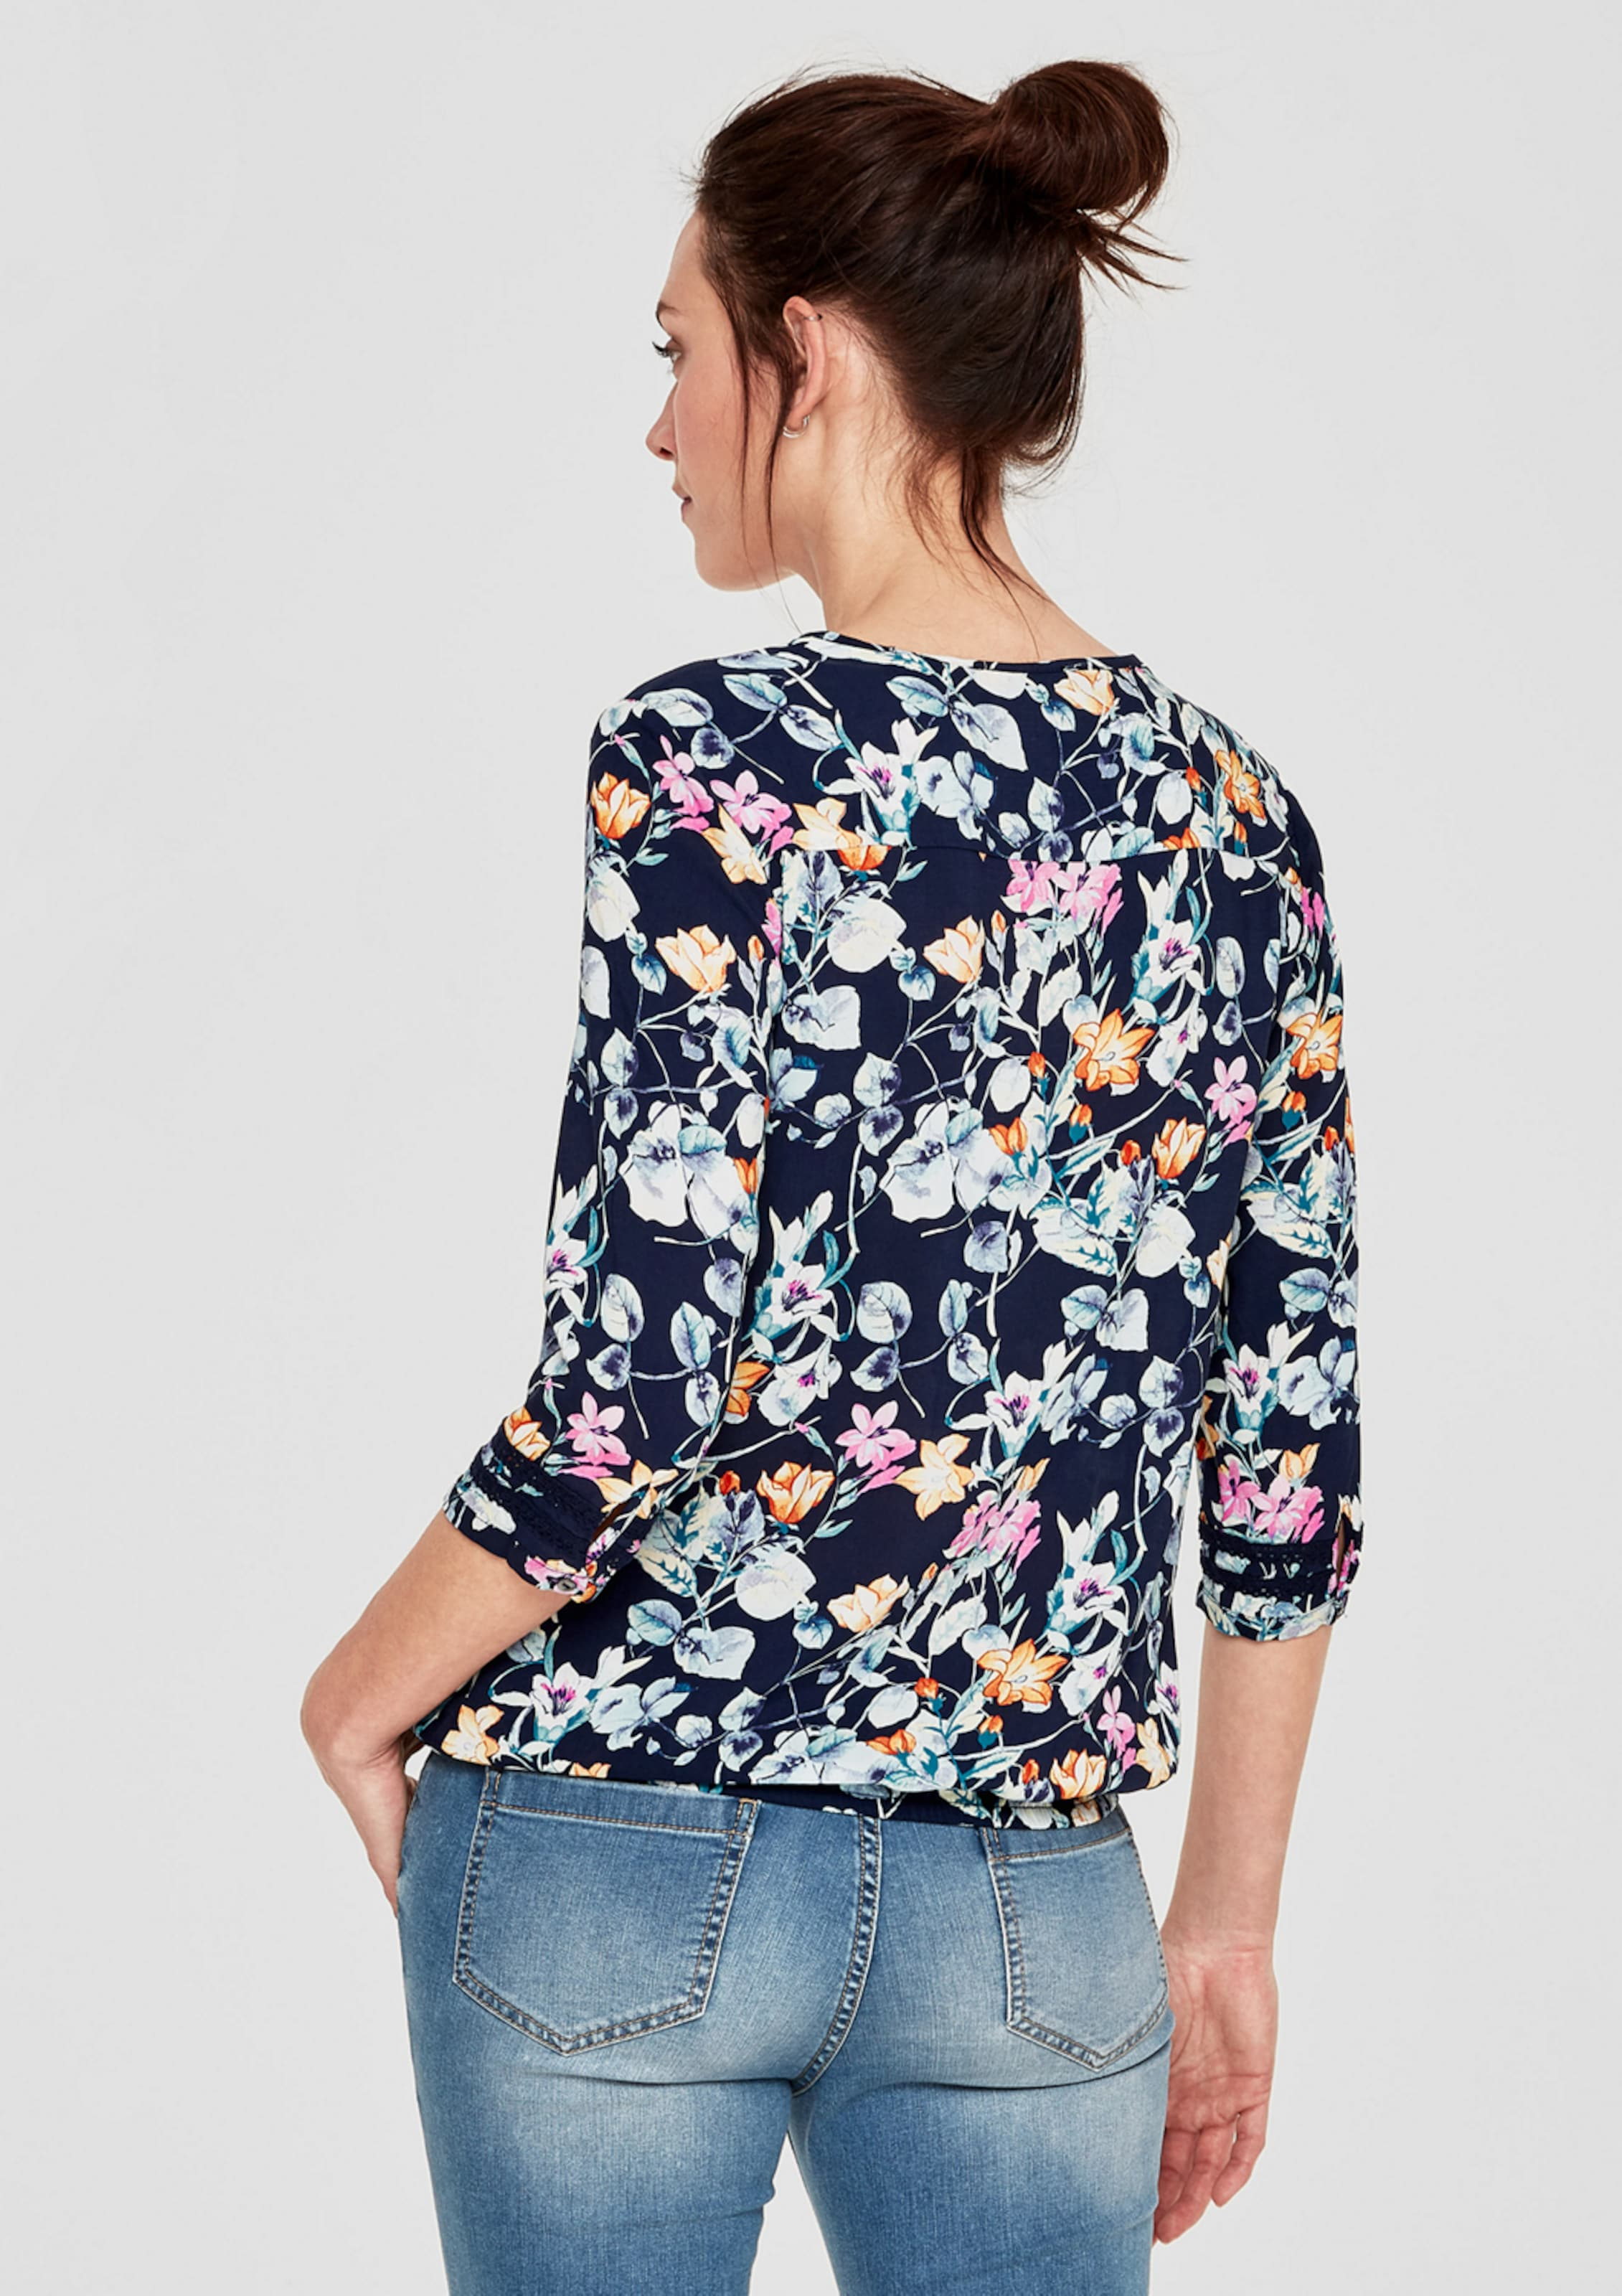 Ausverkaufspreise s.Oliver RED LABEL O-Shape-Bluse mit floralem Print Günstig Kaufen Original Klassisch Super Angebote xQHs0R